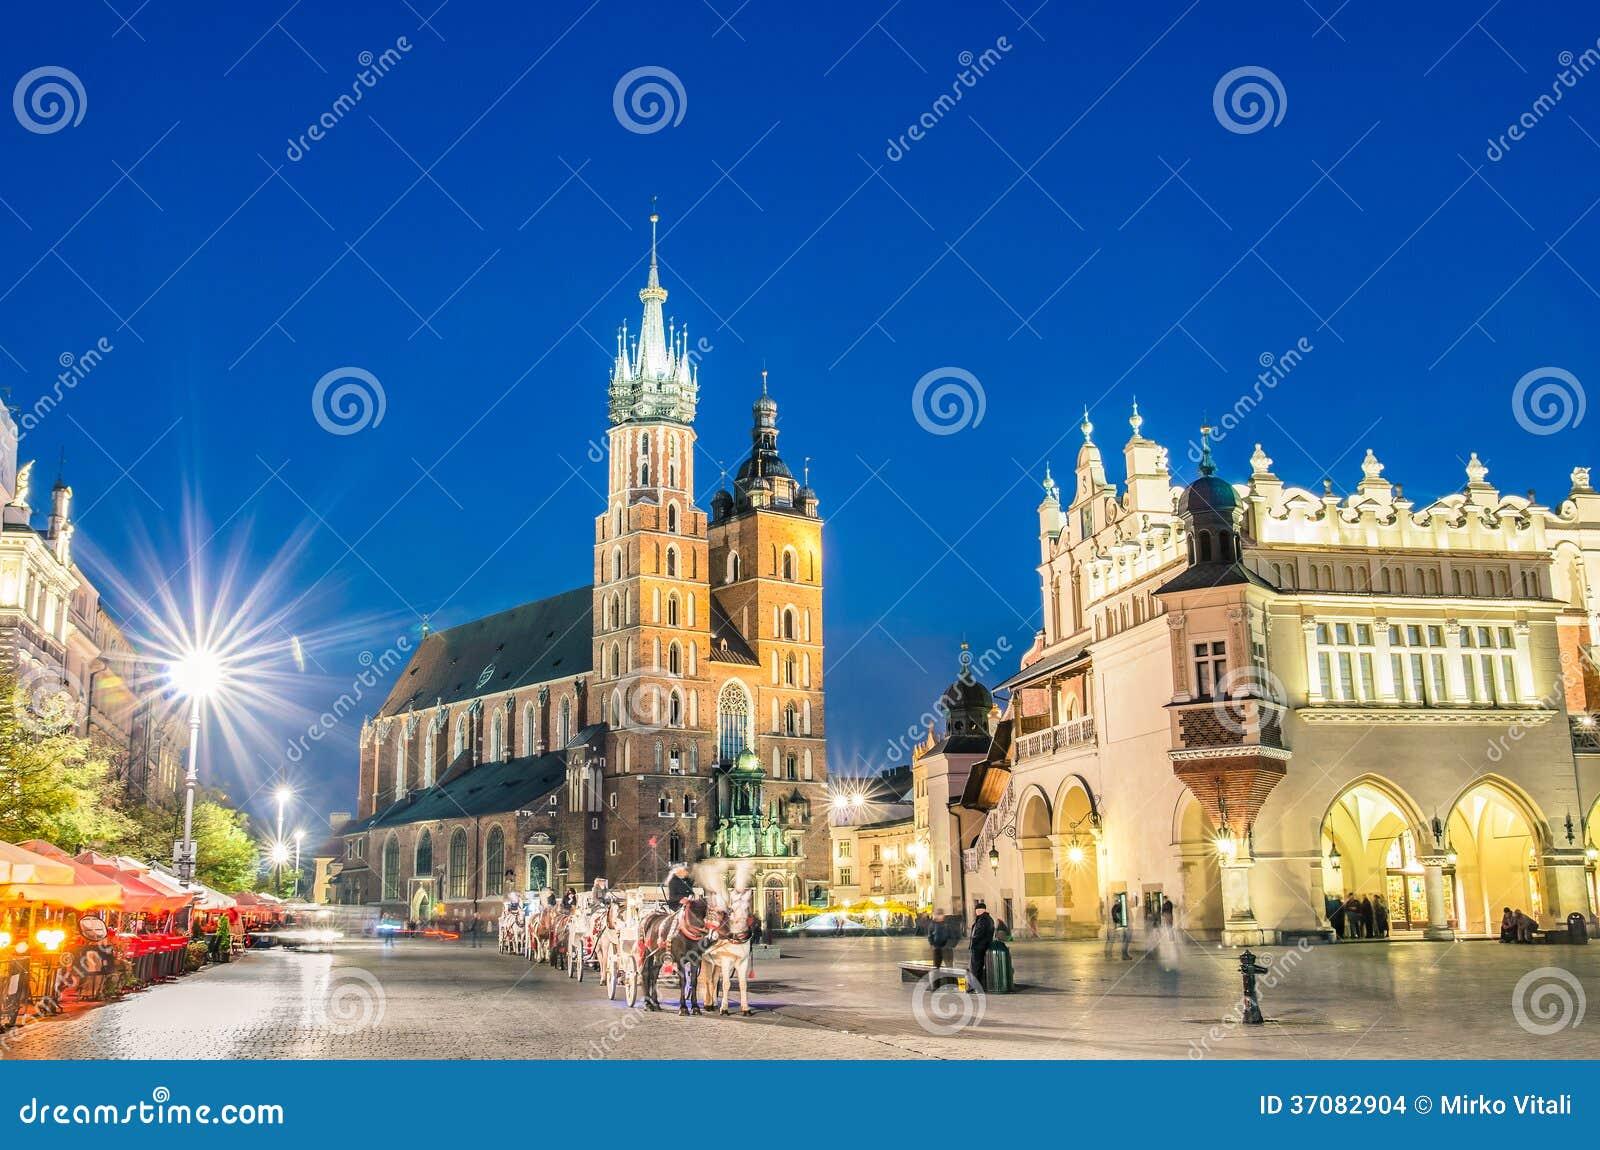 Rynek Glowny - o quadrado principal de Krakow no Polônia